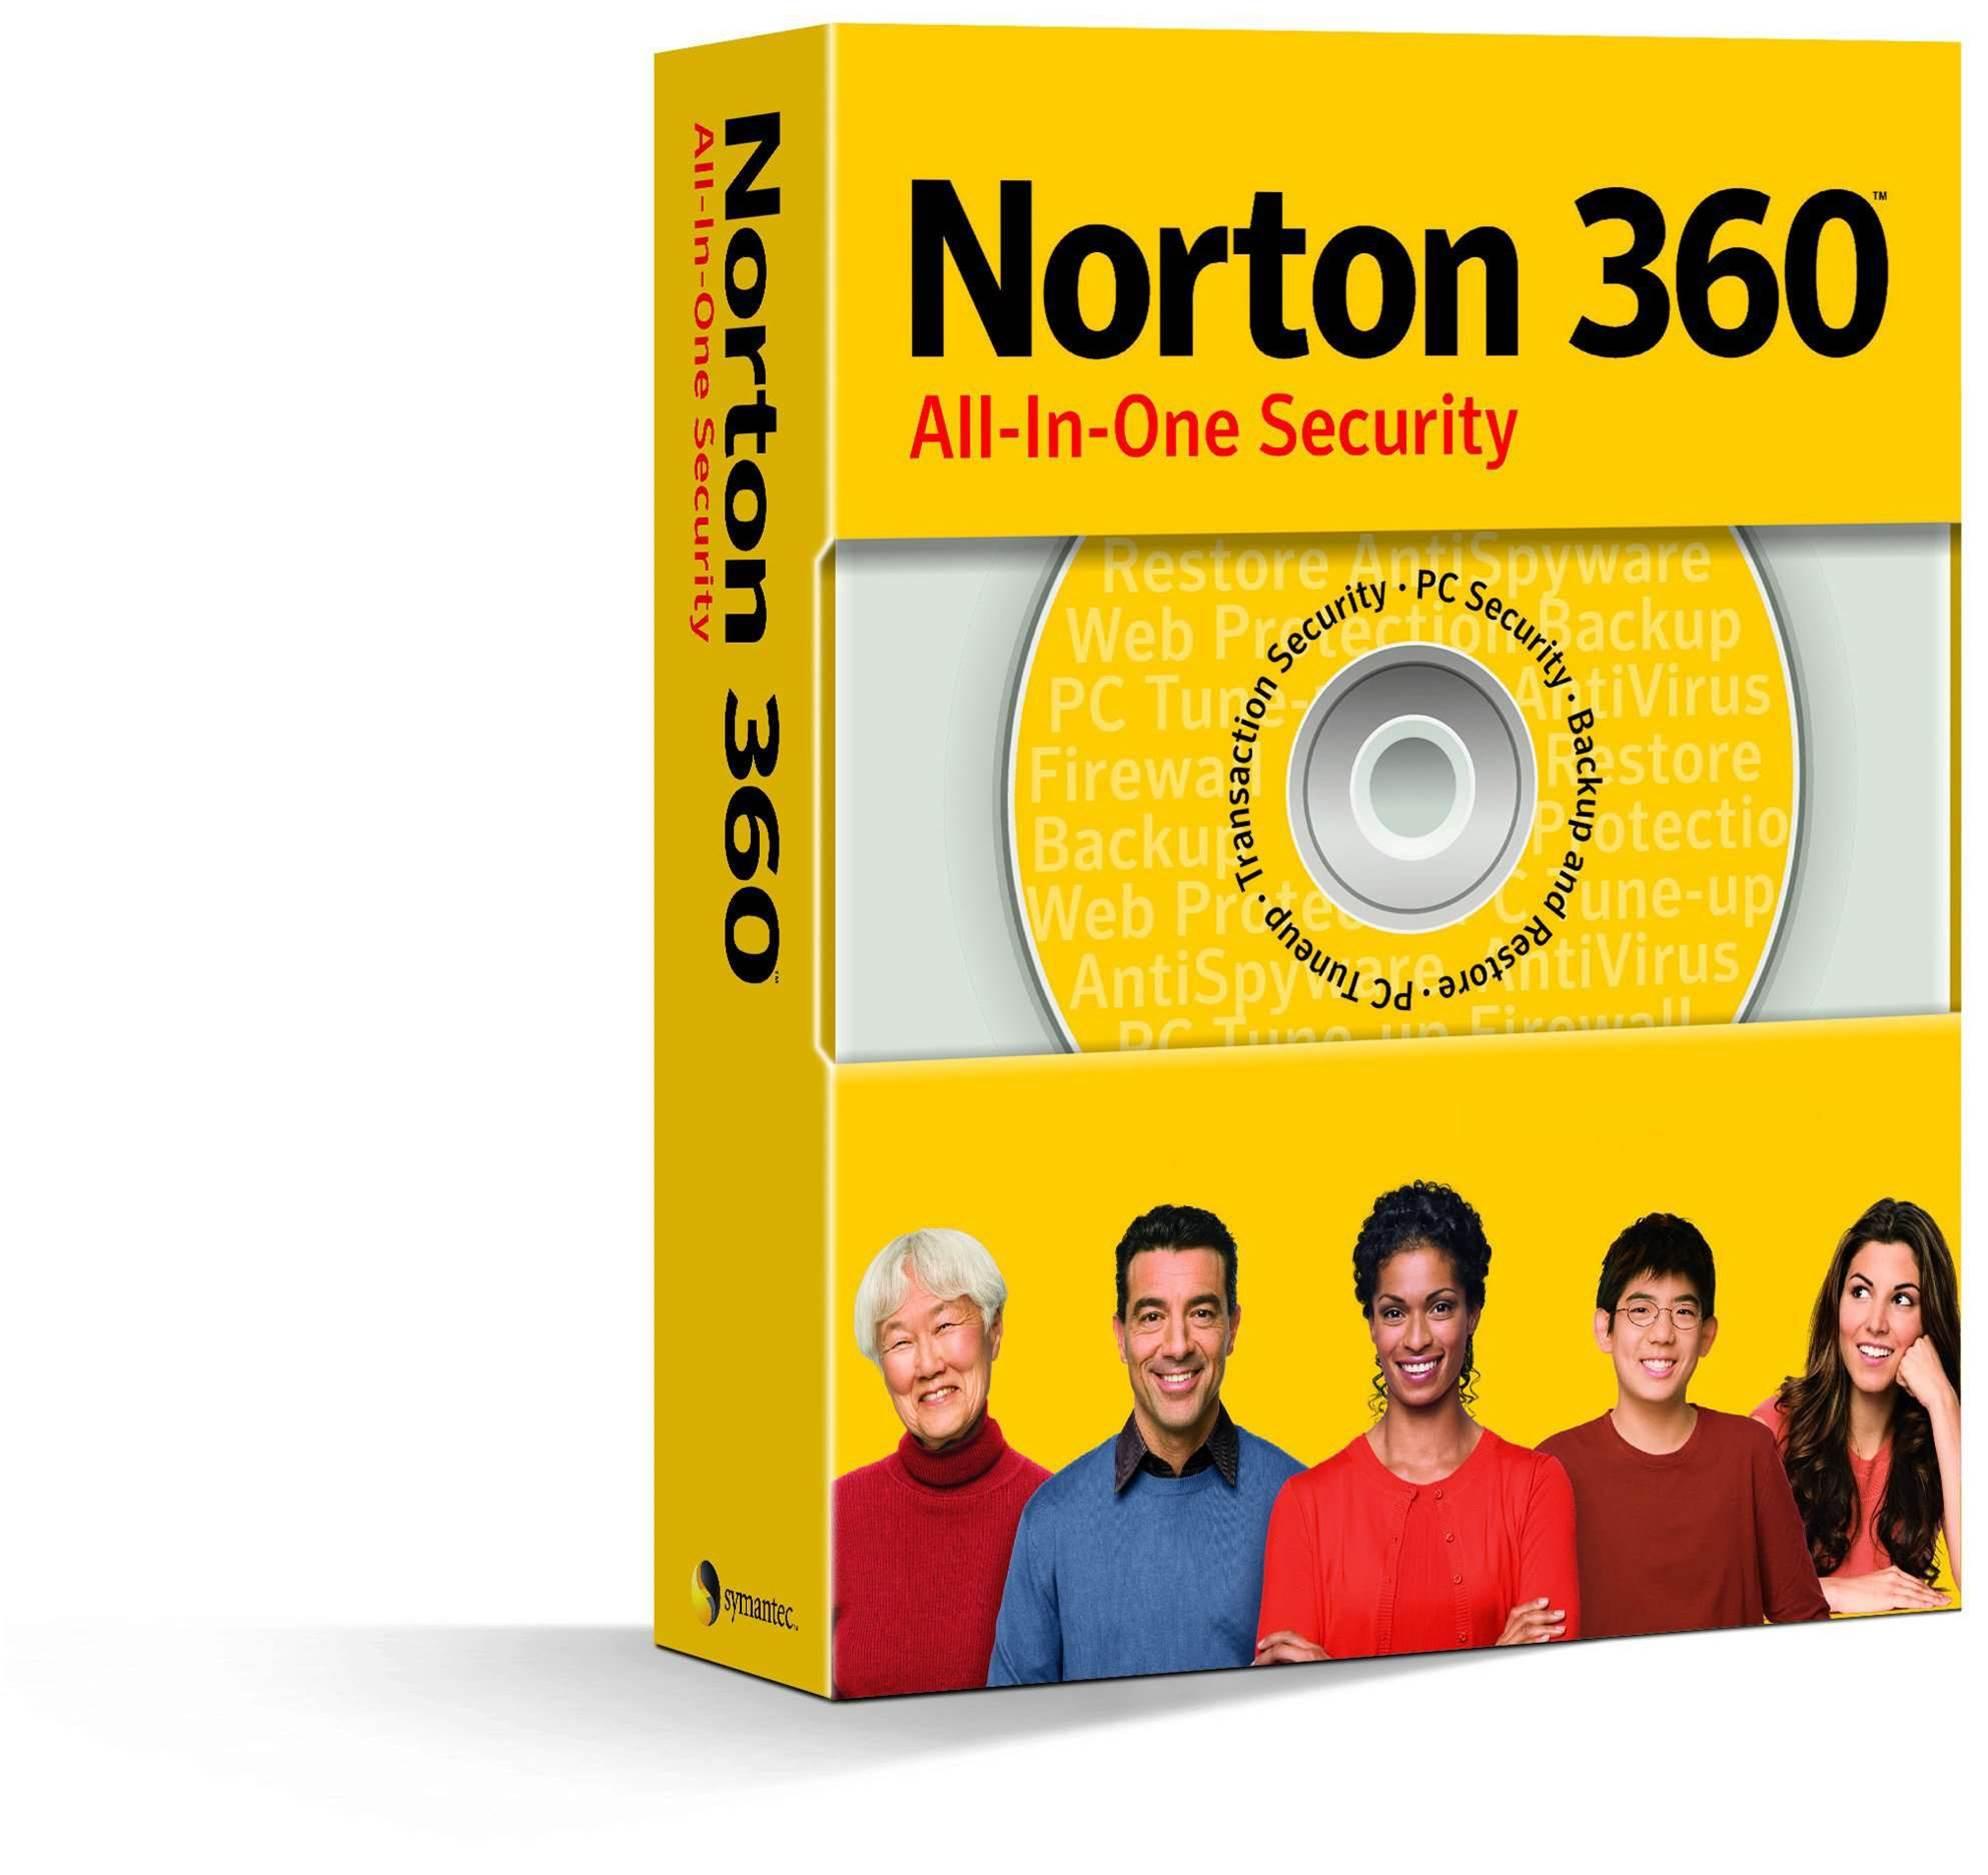 Norton 360 reaches Australian shores